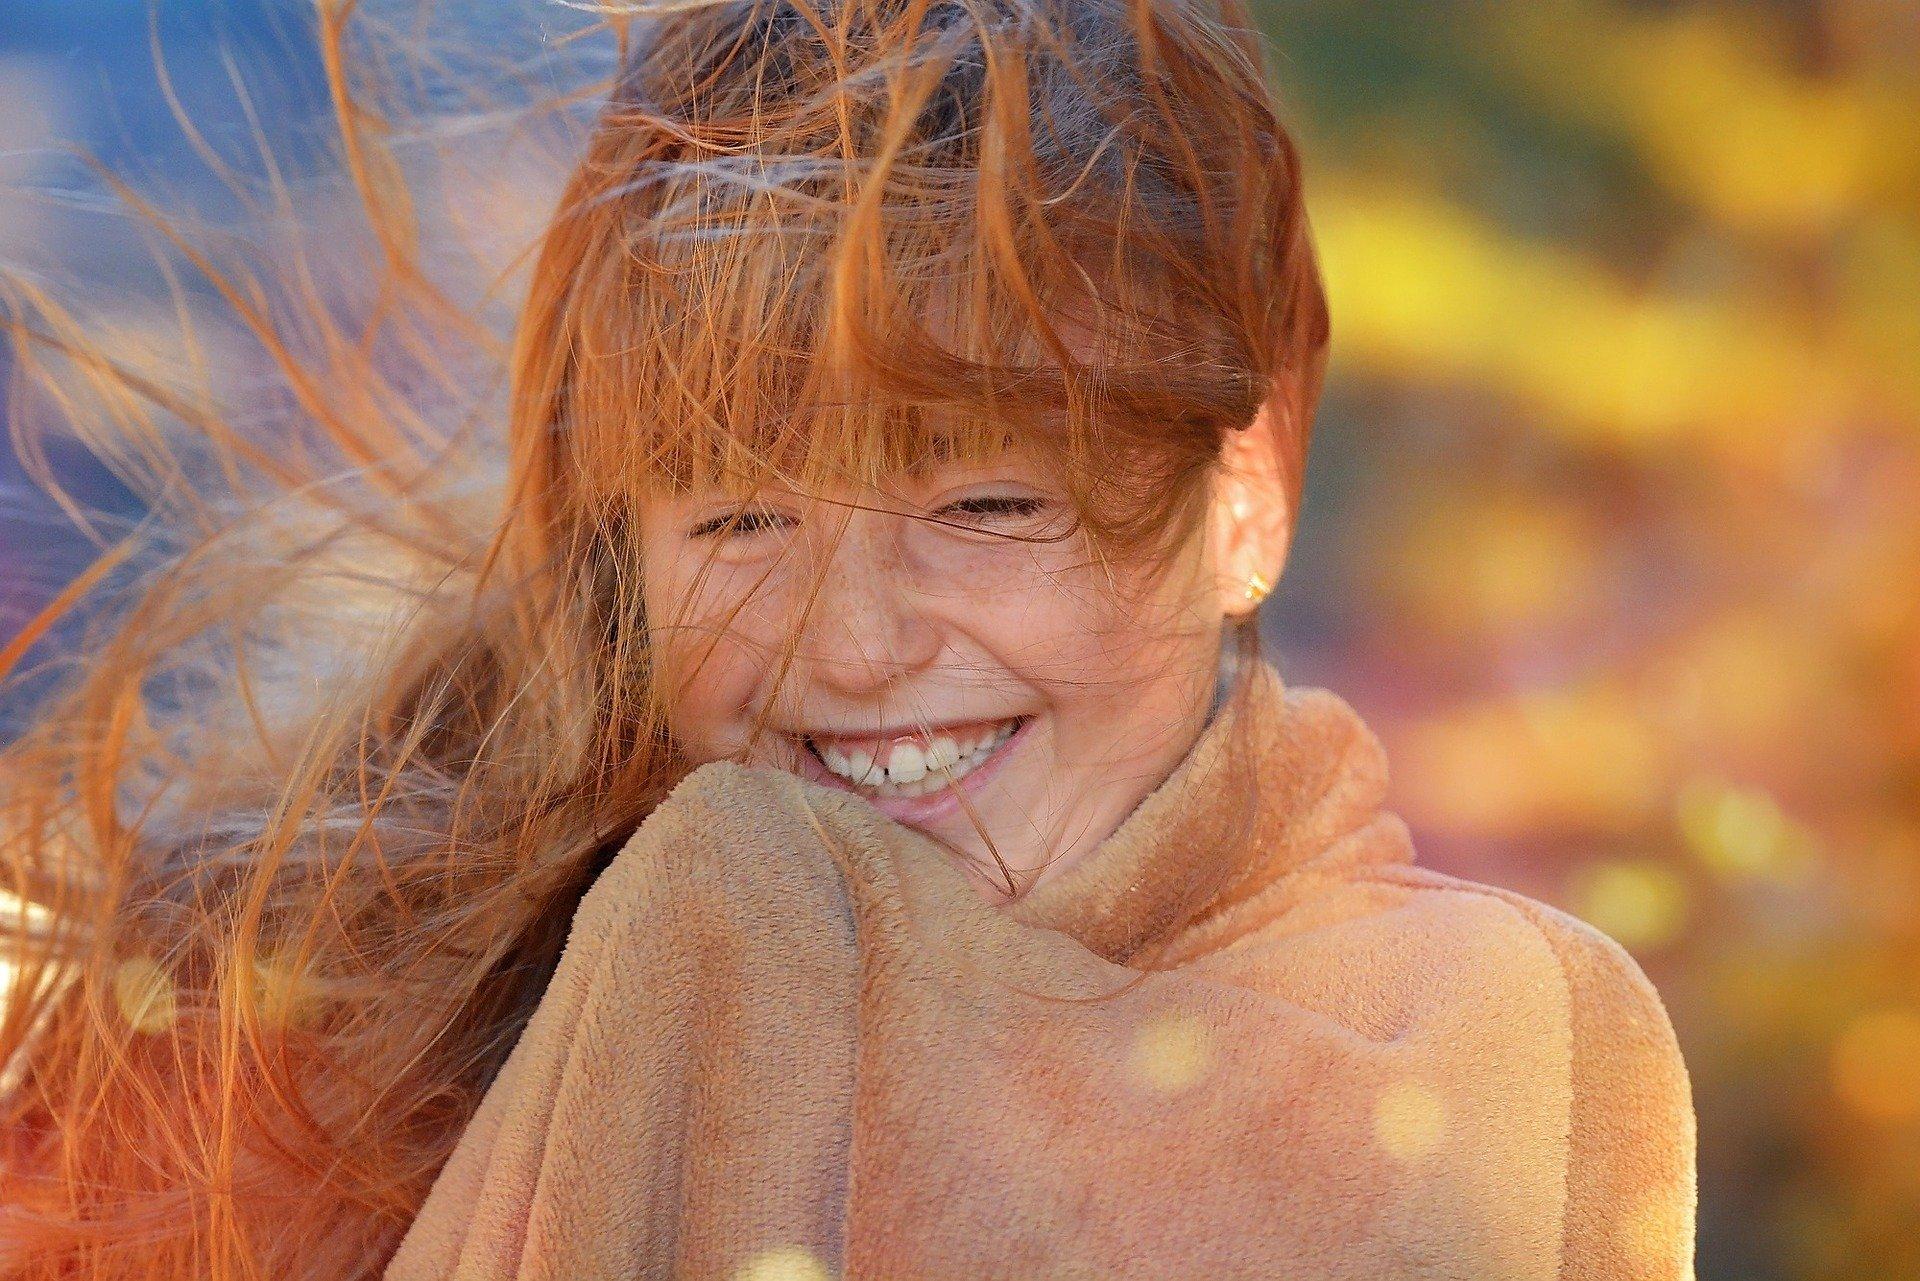 טיפים לאושר , ילדים מאושרים, גידול ילדים מאושרים